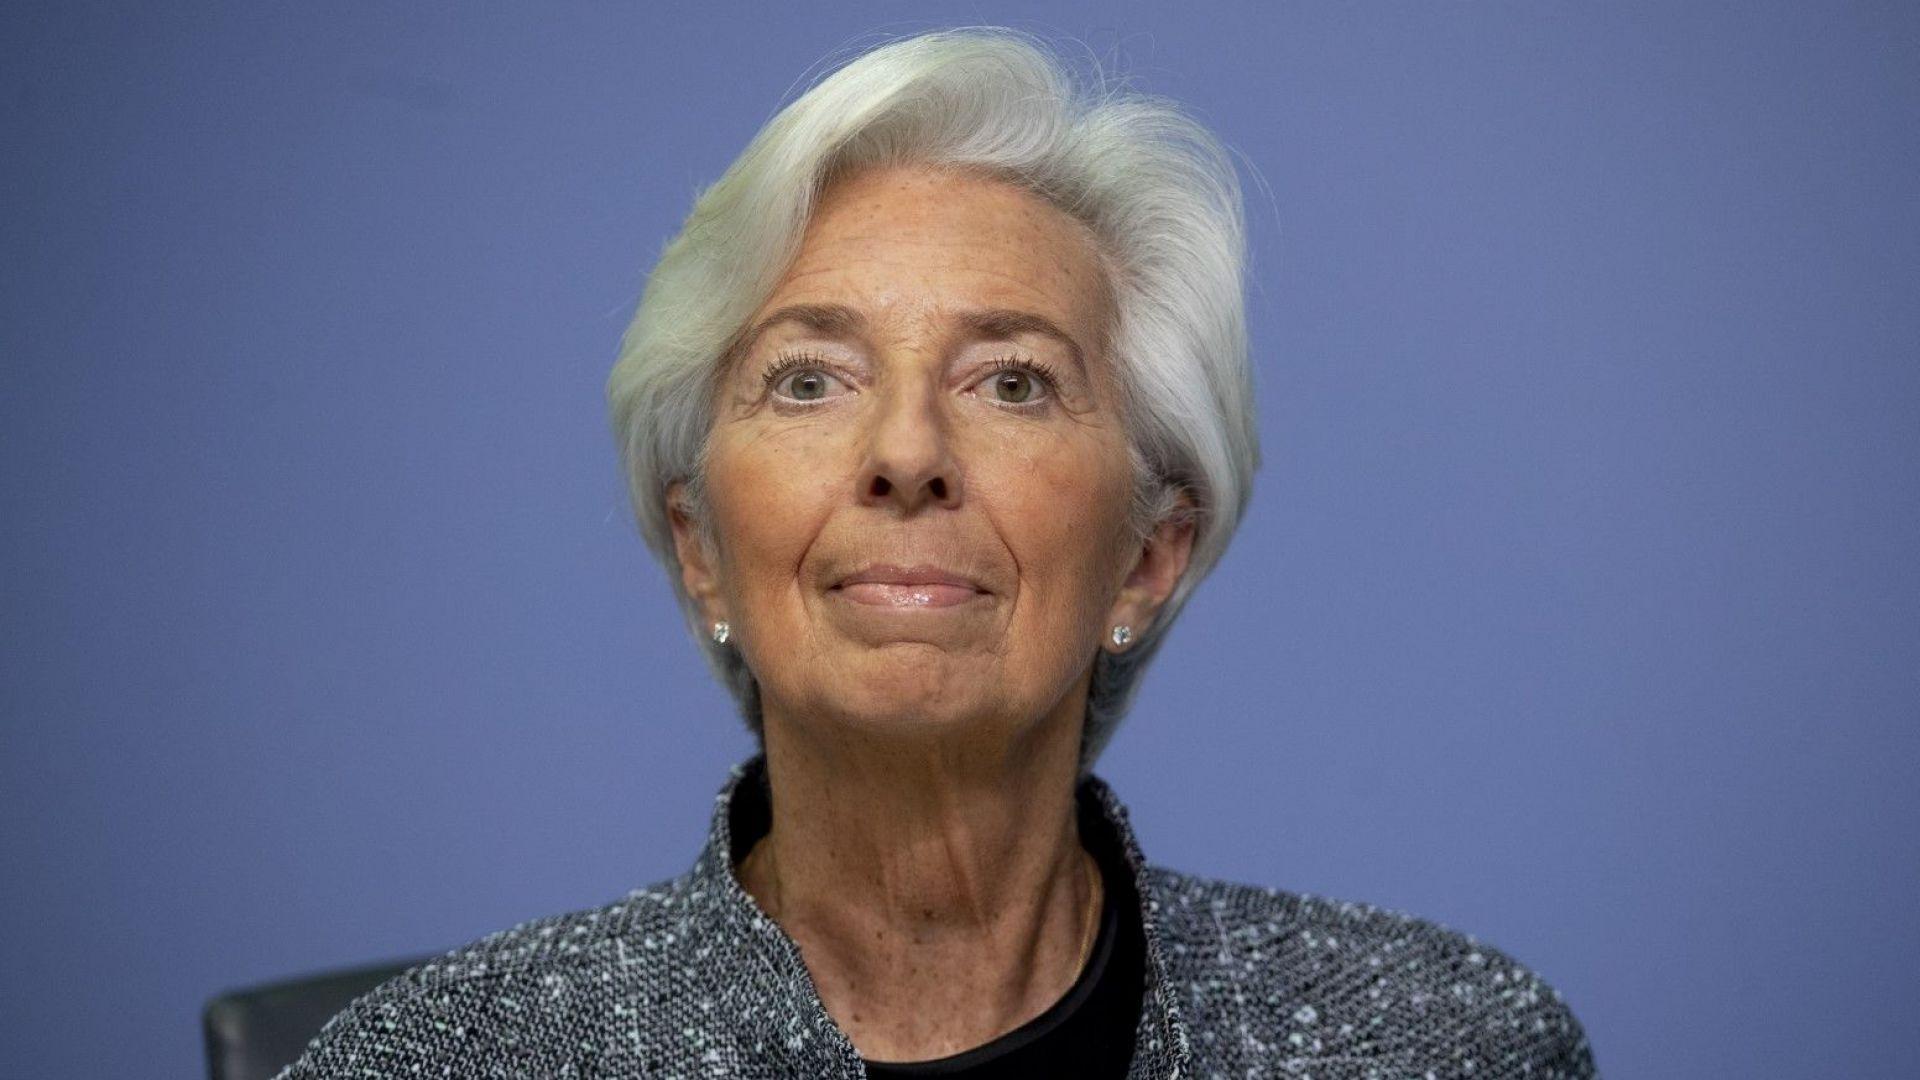 Лагард от ЕЦБ: Европа загуби само за 2 тримесечия толкова, колкото спечели за 15 години